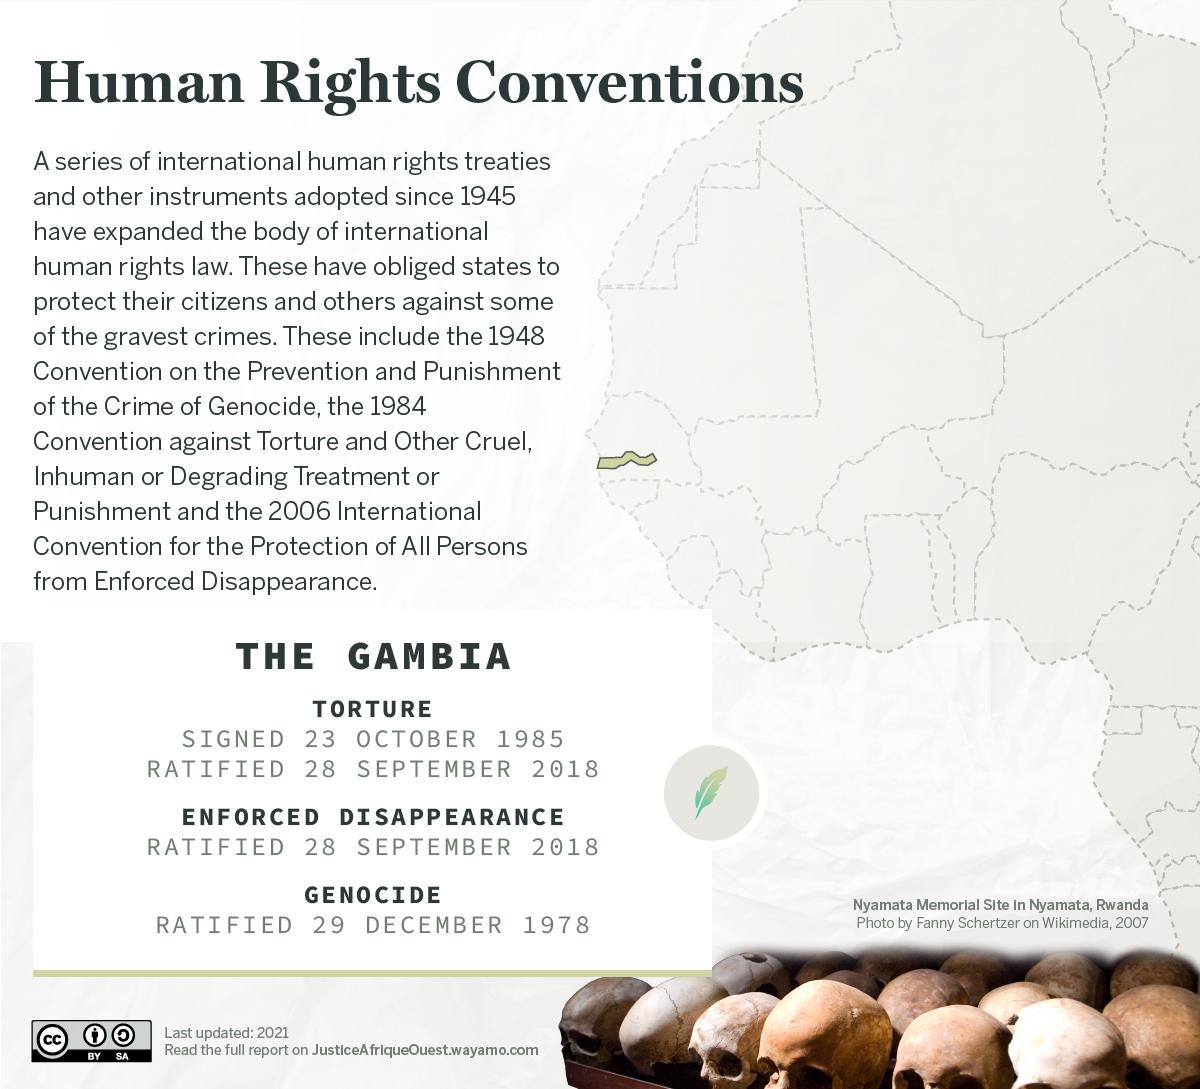 __GAMBIA_Human Rights Conventions_1 - Wayamo Foundation (CC BY-SA 4.0)